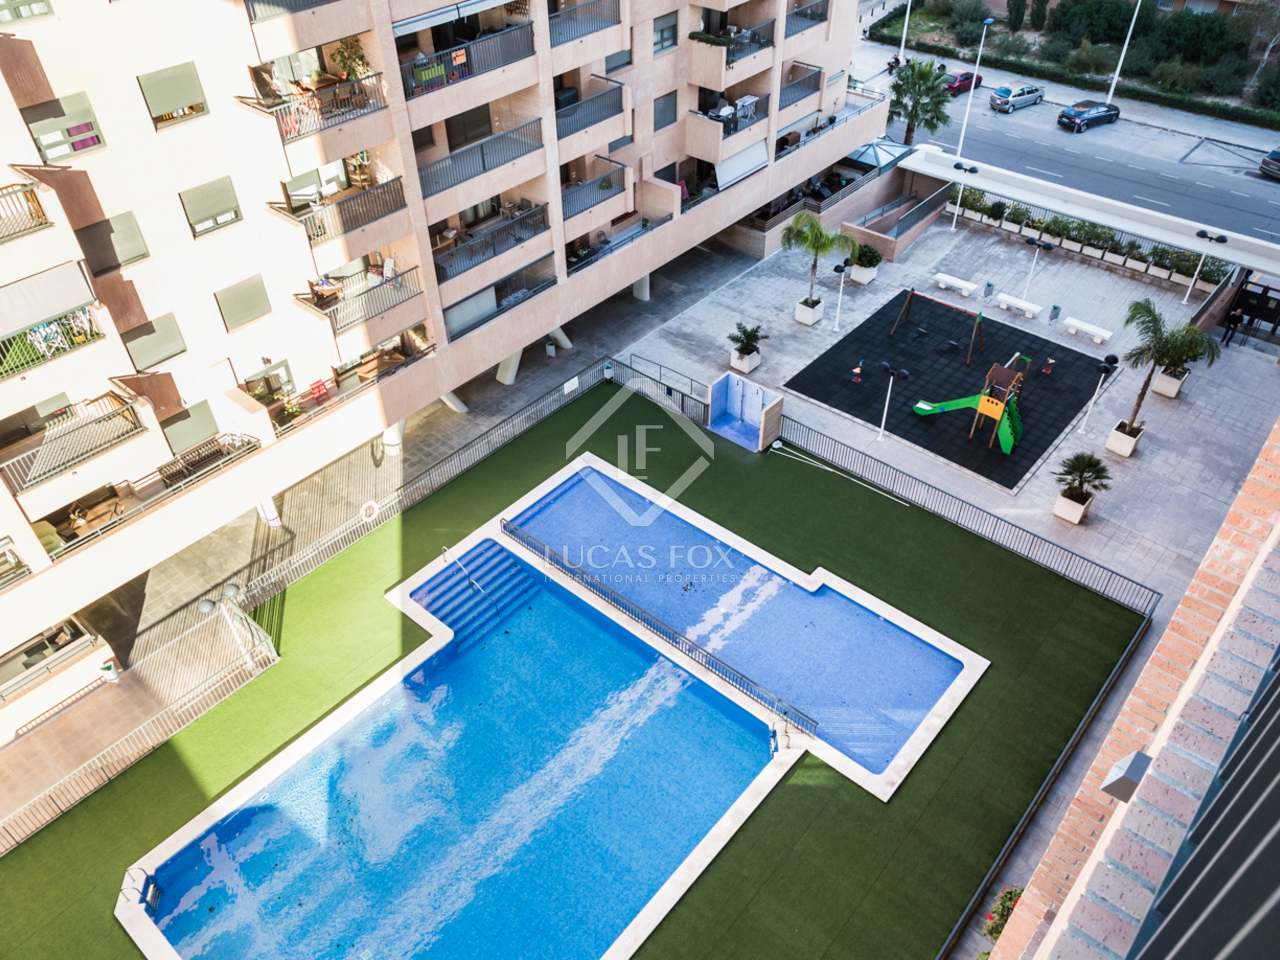 Apartamento en venta en una urbanizaci n con piscina en la for Piscina patacona